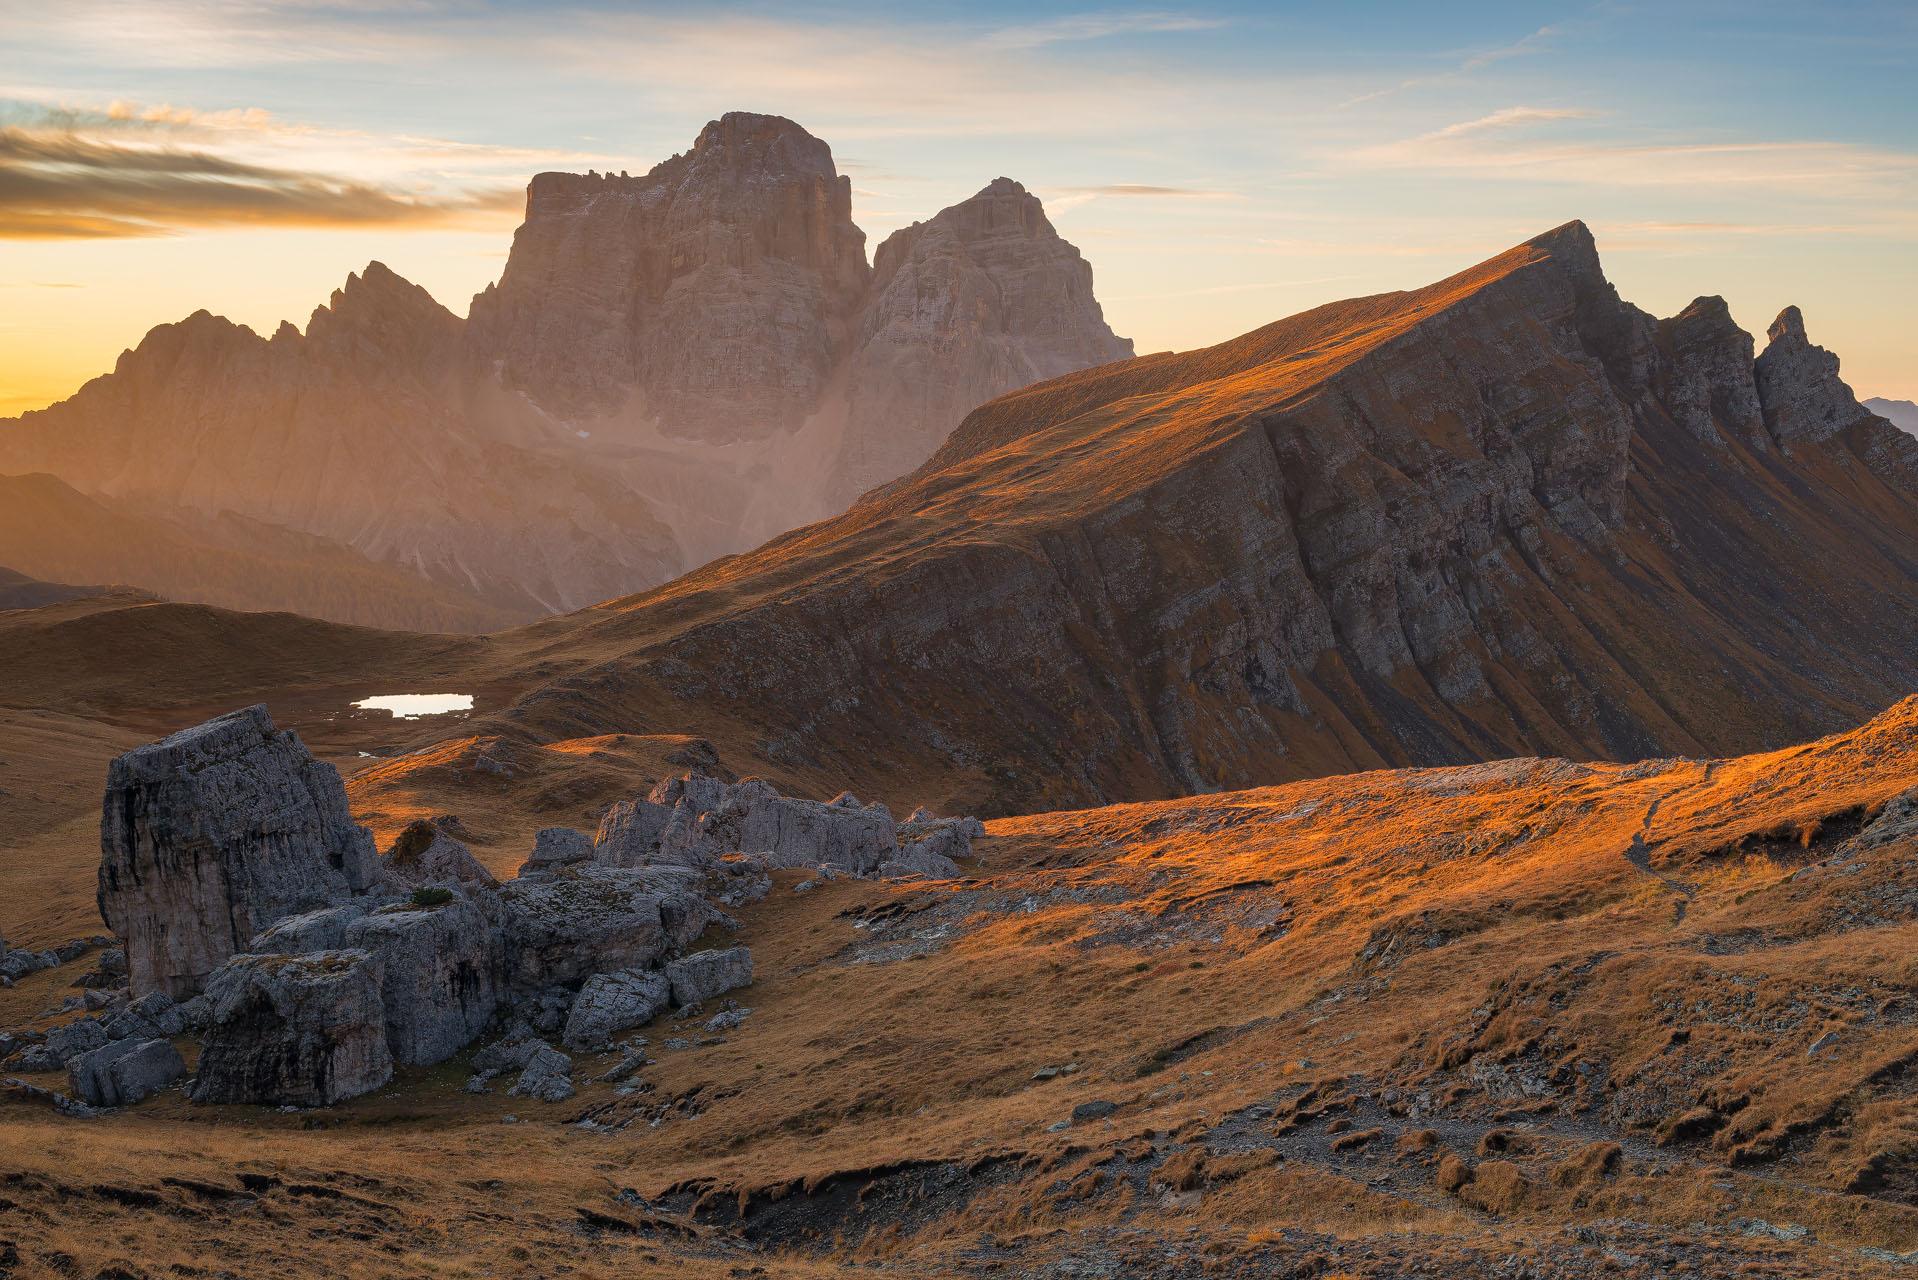 L'altopiano di Mondevàl, vallata alpina compresa nel gruppo dolomitico Croda da Lago (BL)